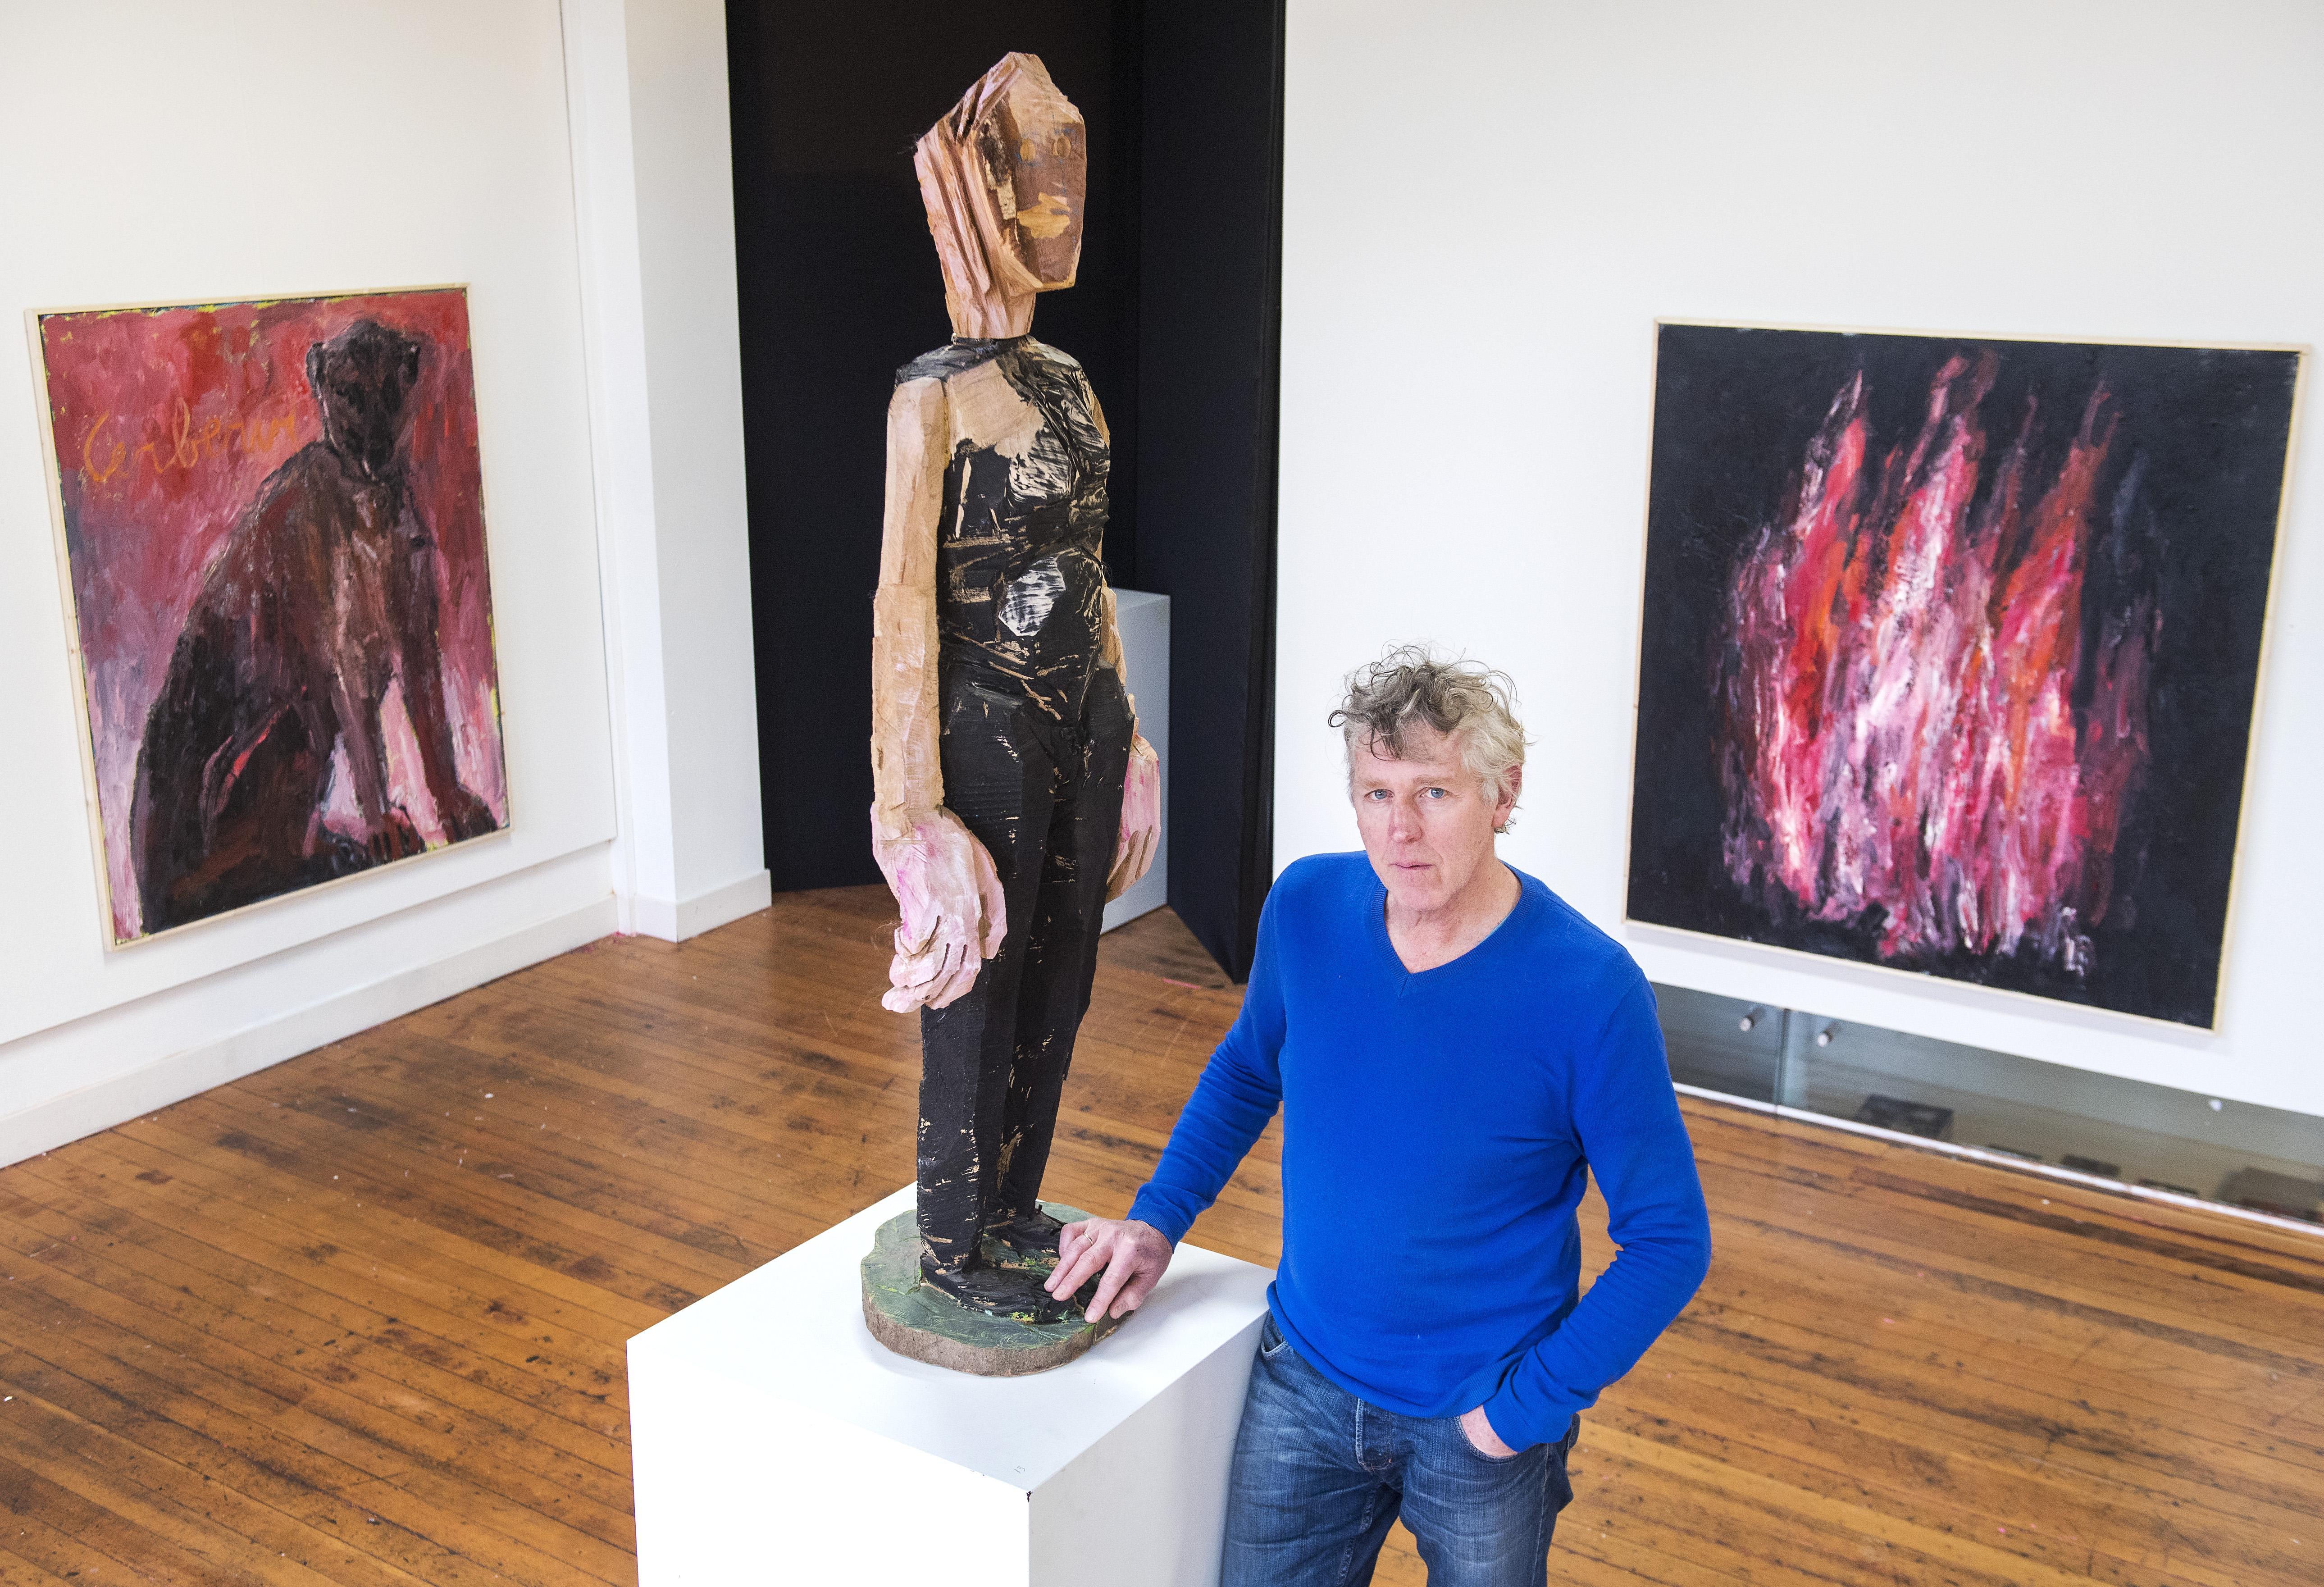 Kunstenaar Arthur Kempenaar plaatst godinnen op drijfzand; expositie in 37PK Haarlem